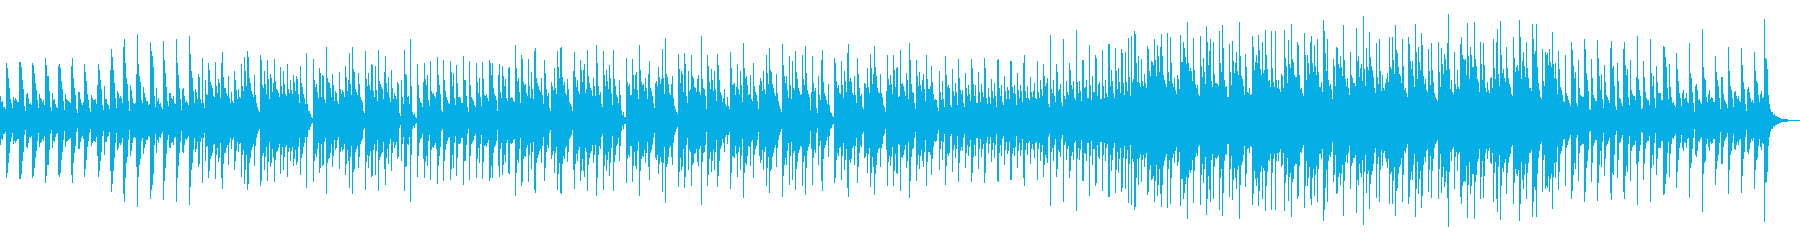 ピアノとドラムによるシンプルなインストの再生済みの波形